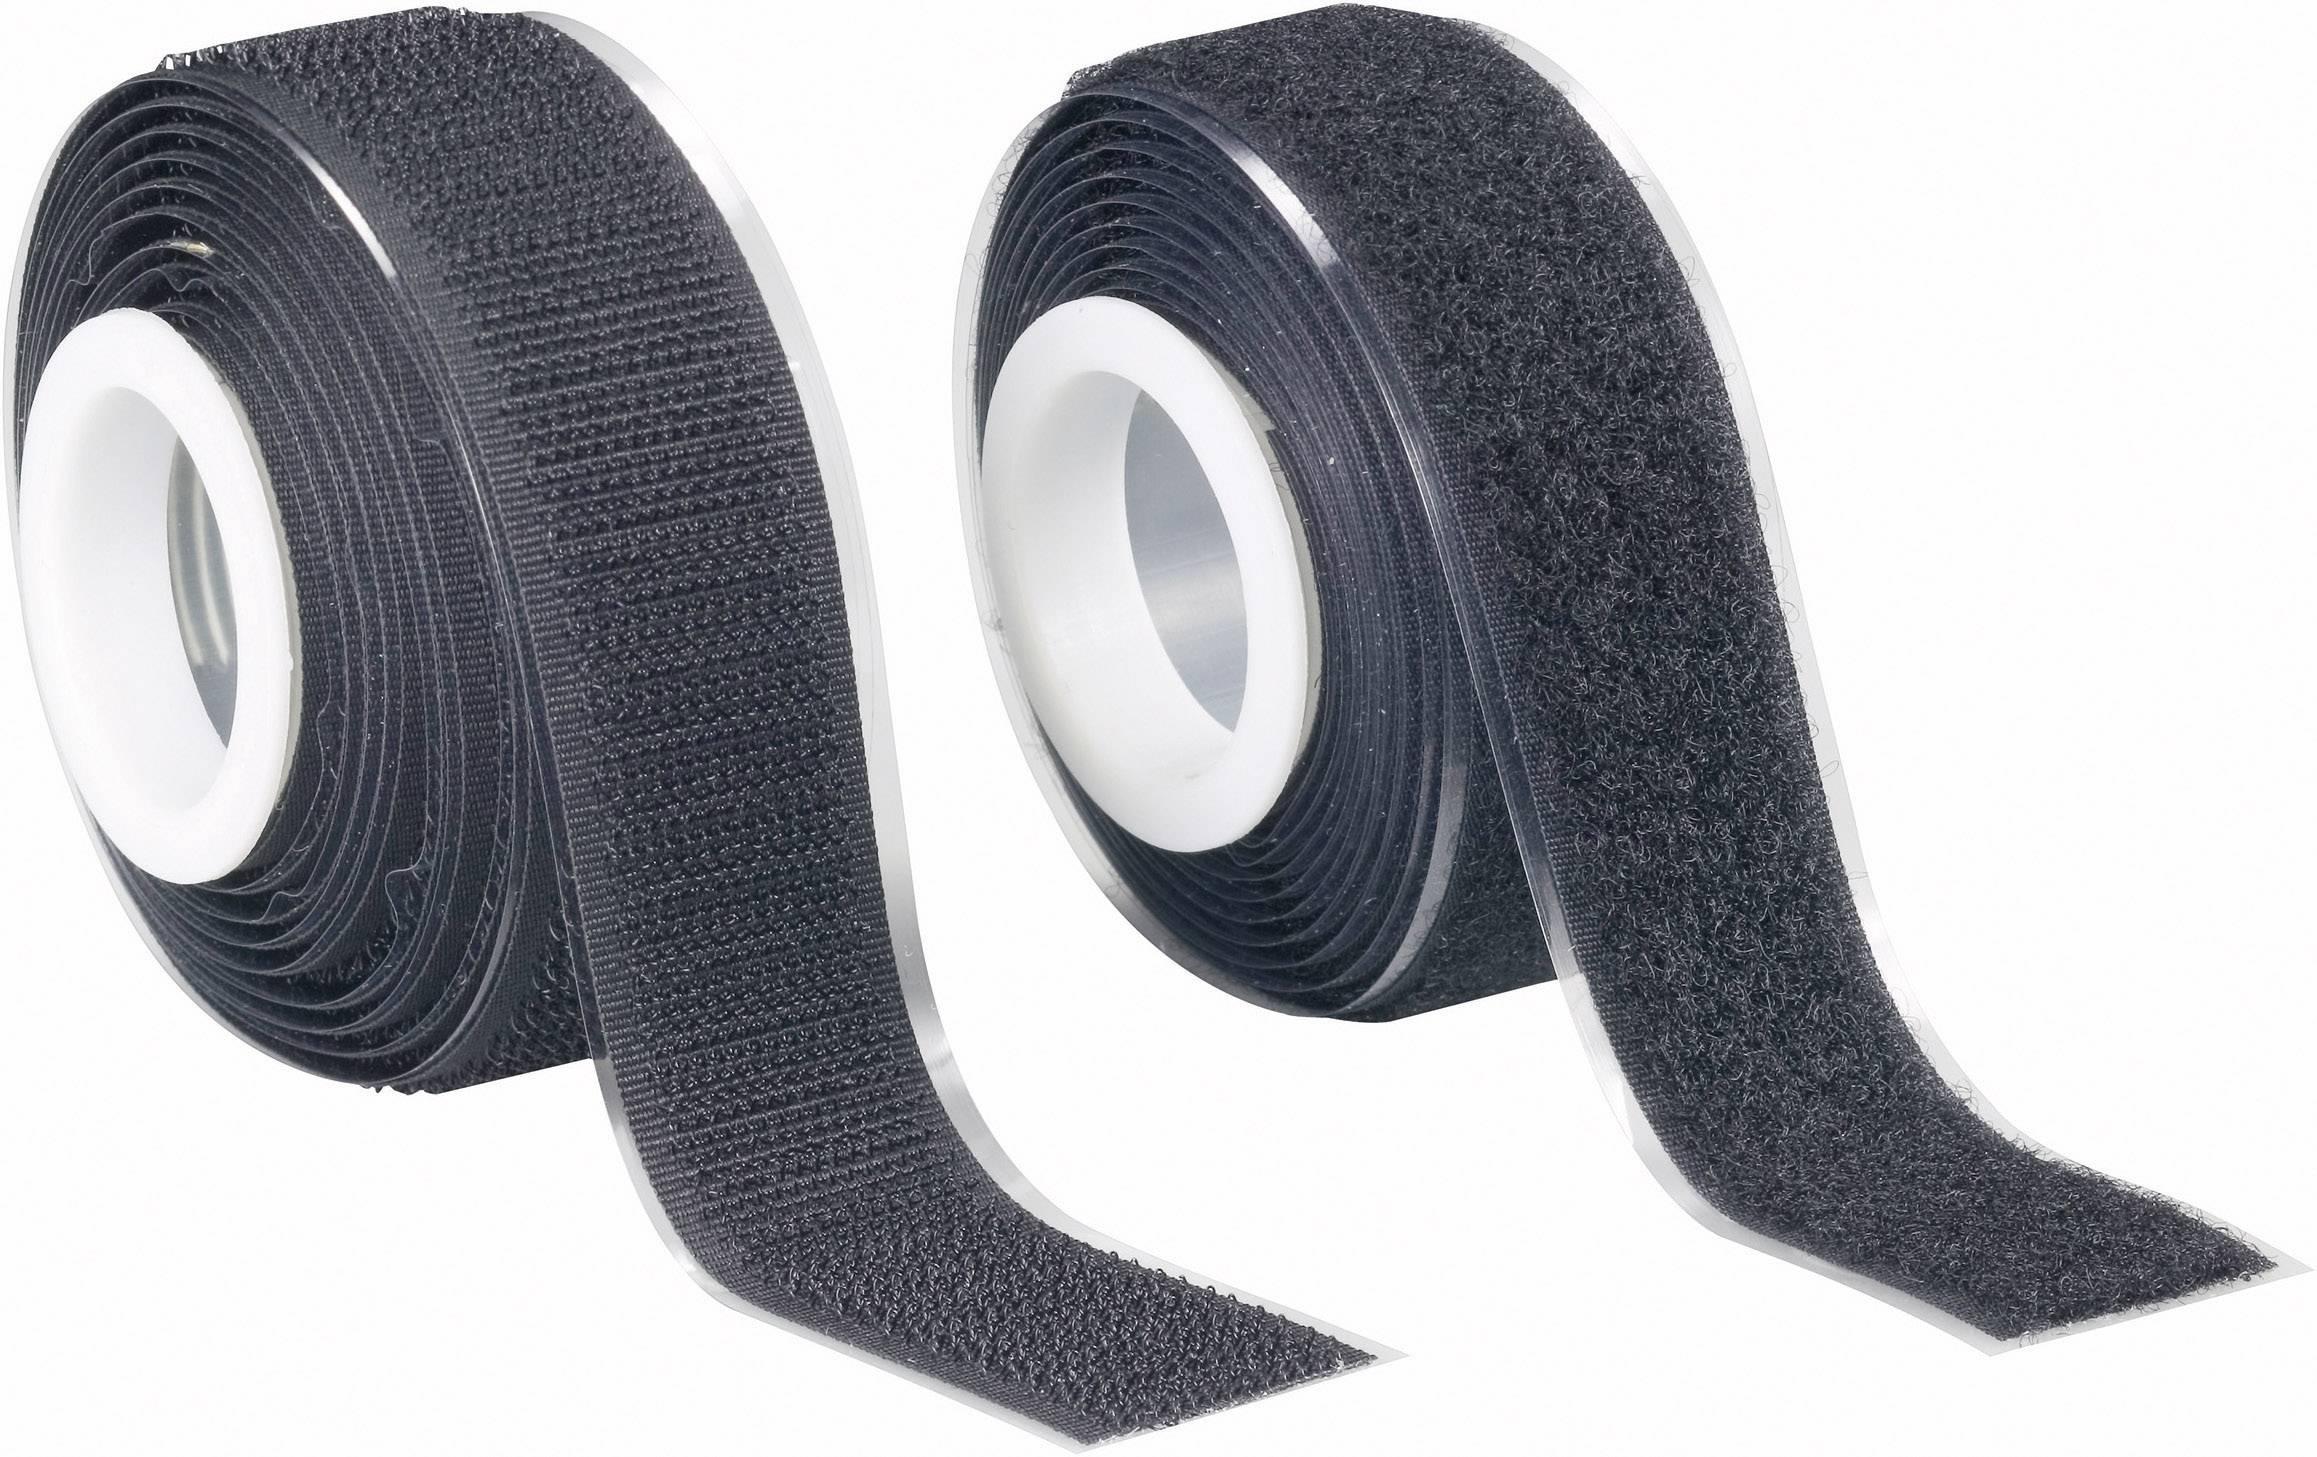 Lepicí pásek se suchým zipem Fastech 919-330-B, (d x š) 2000 mm x 25 mm, černá, 1 pár